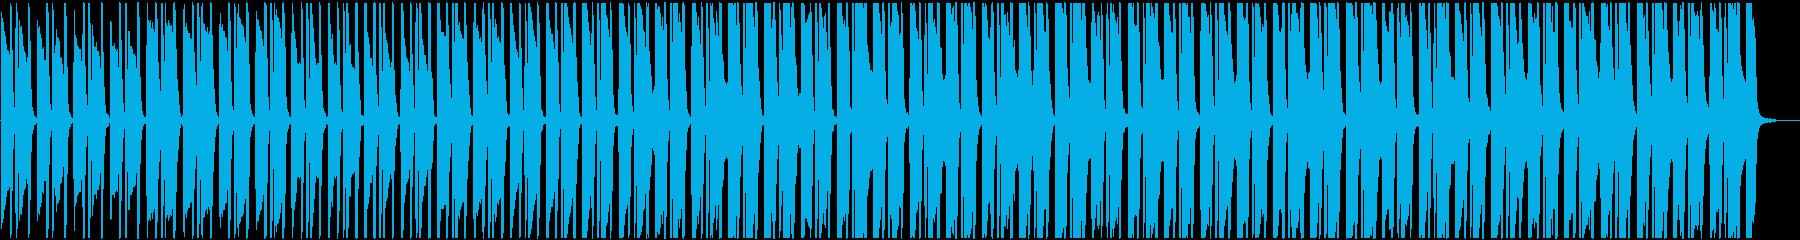 ほのぼのとした日常系ピアノ・BGMの再生済みの波形